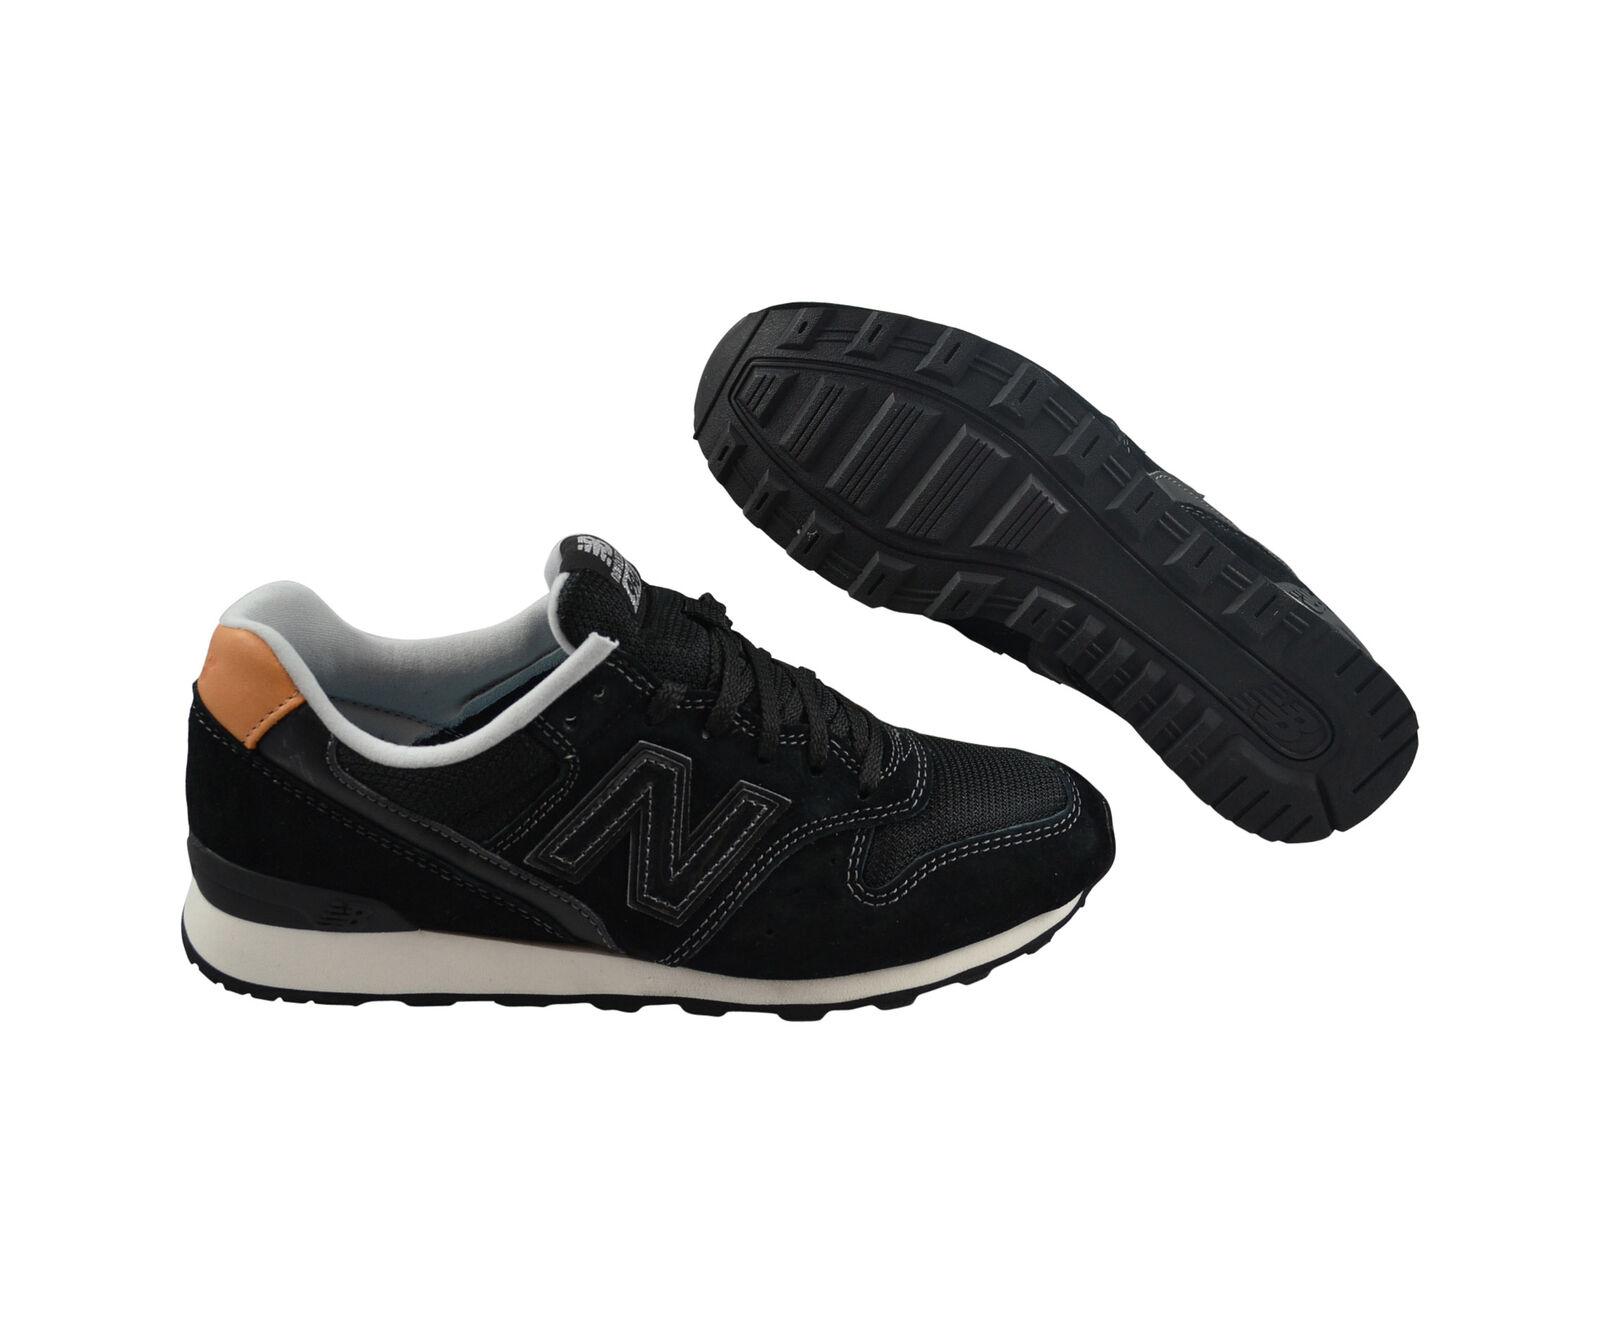 entrega gratis New balance wr996 wr996 wr996 DG negro zapatos cortos negro tamaños selección   Venta al por mayor barato y de alta calidad.